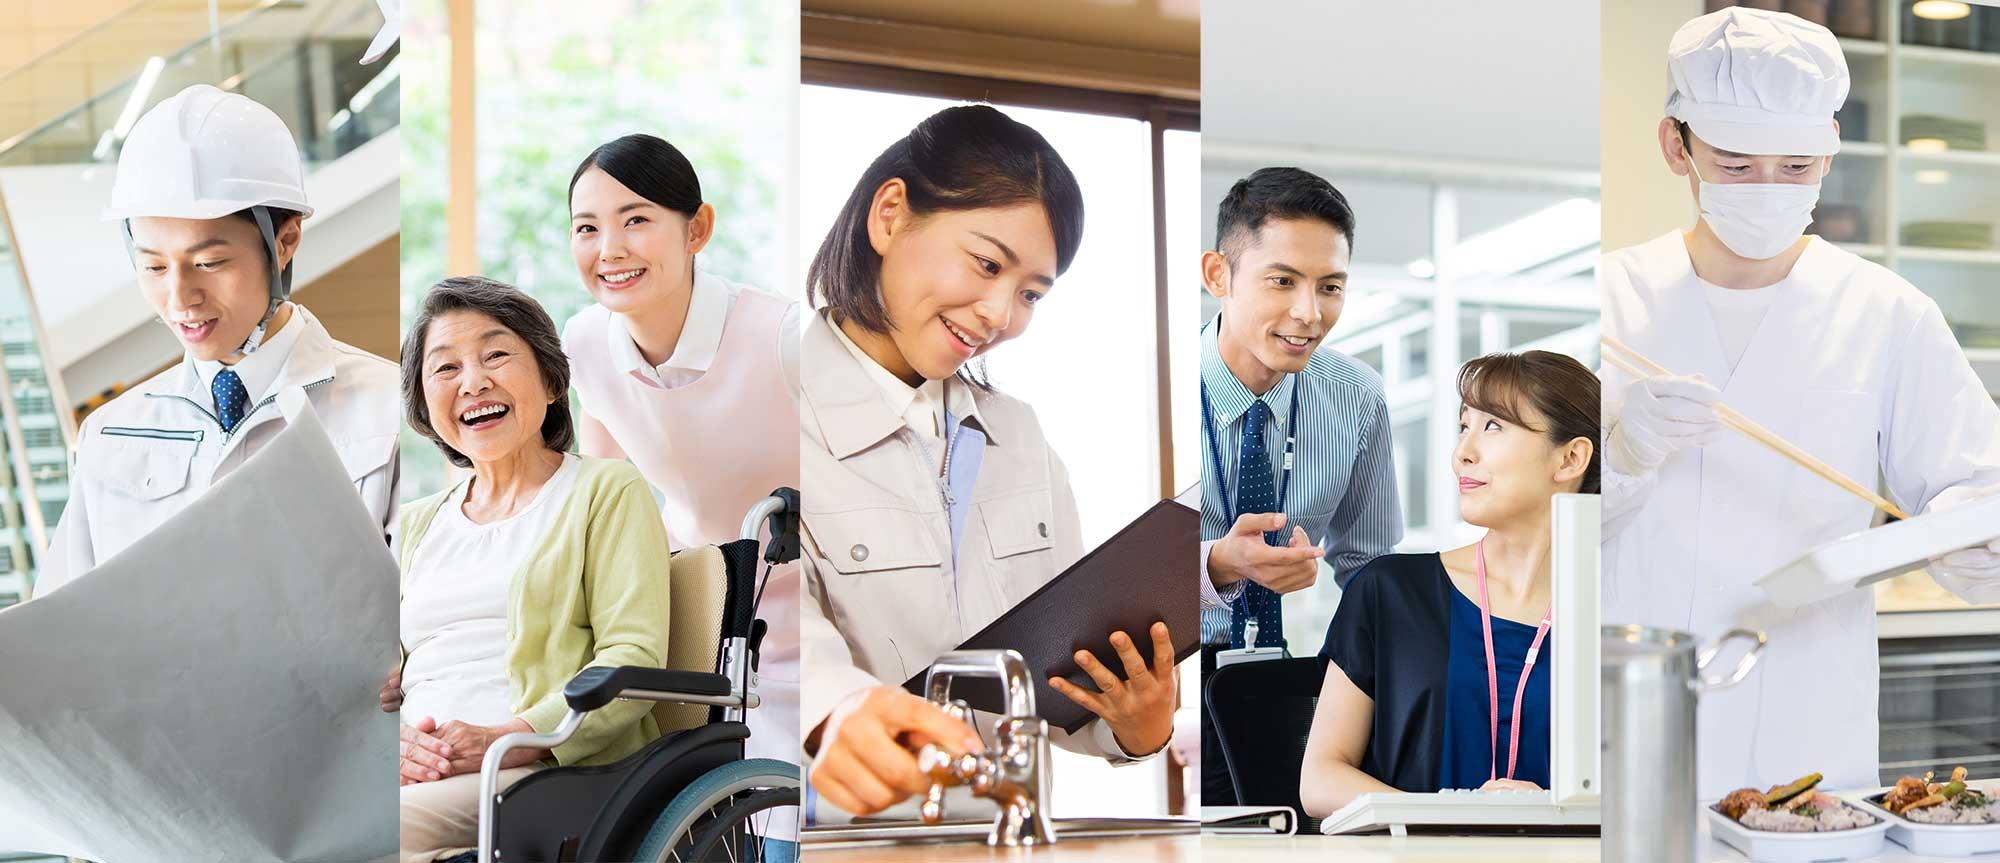 【東京しごと財団】業界連携再就職支援事業